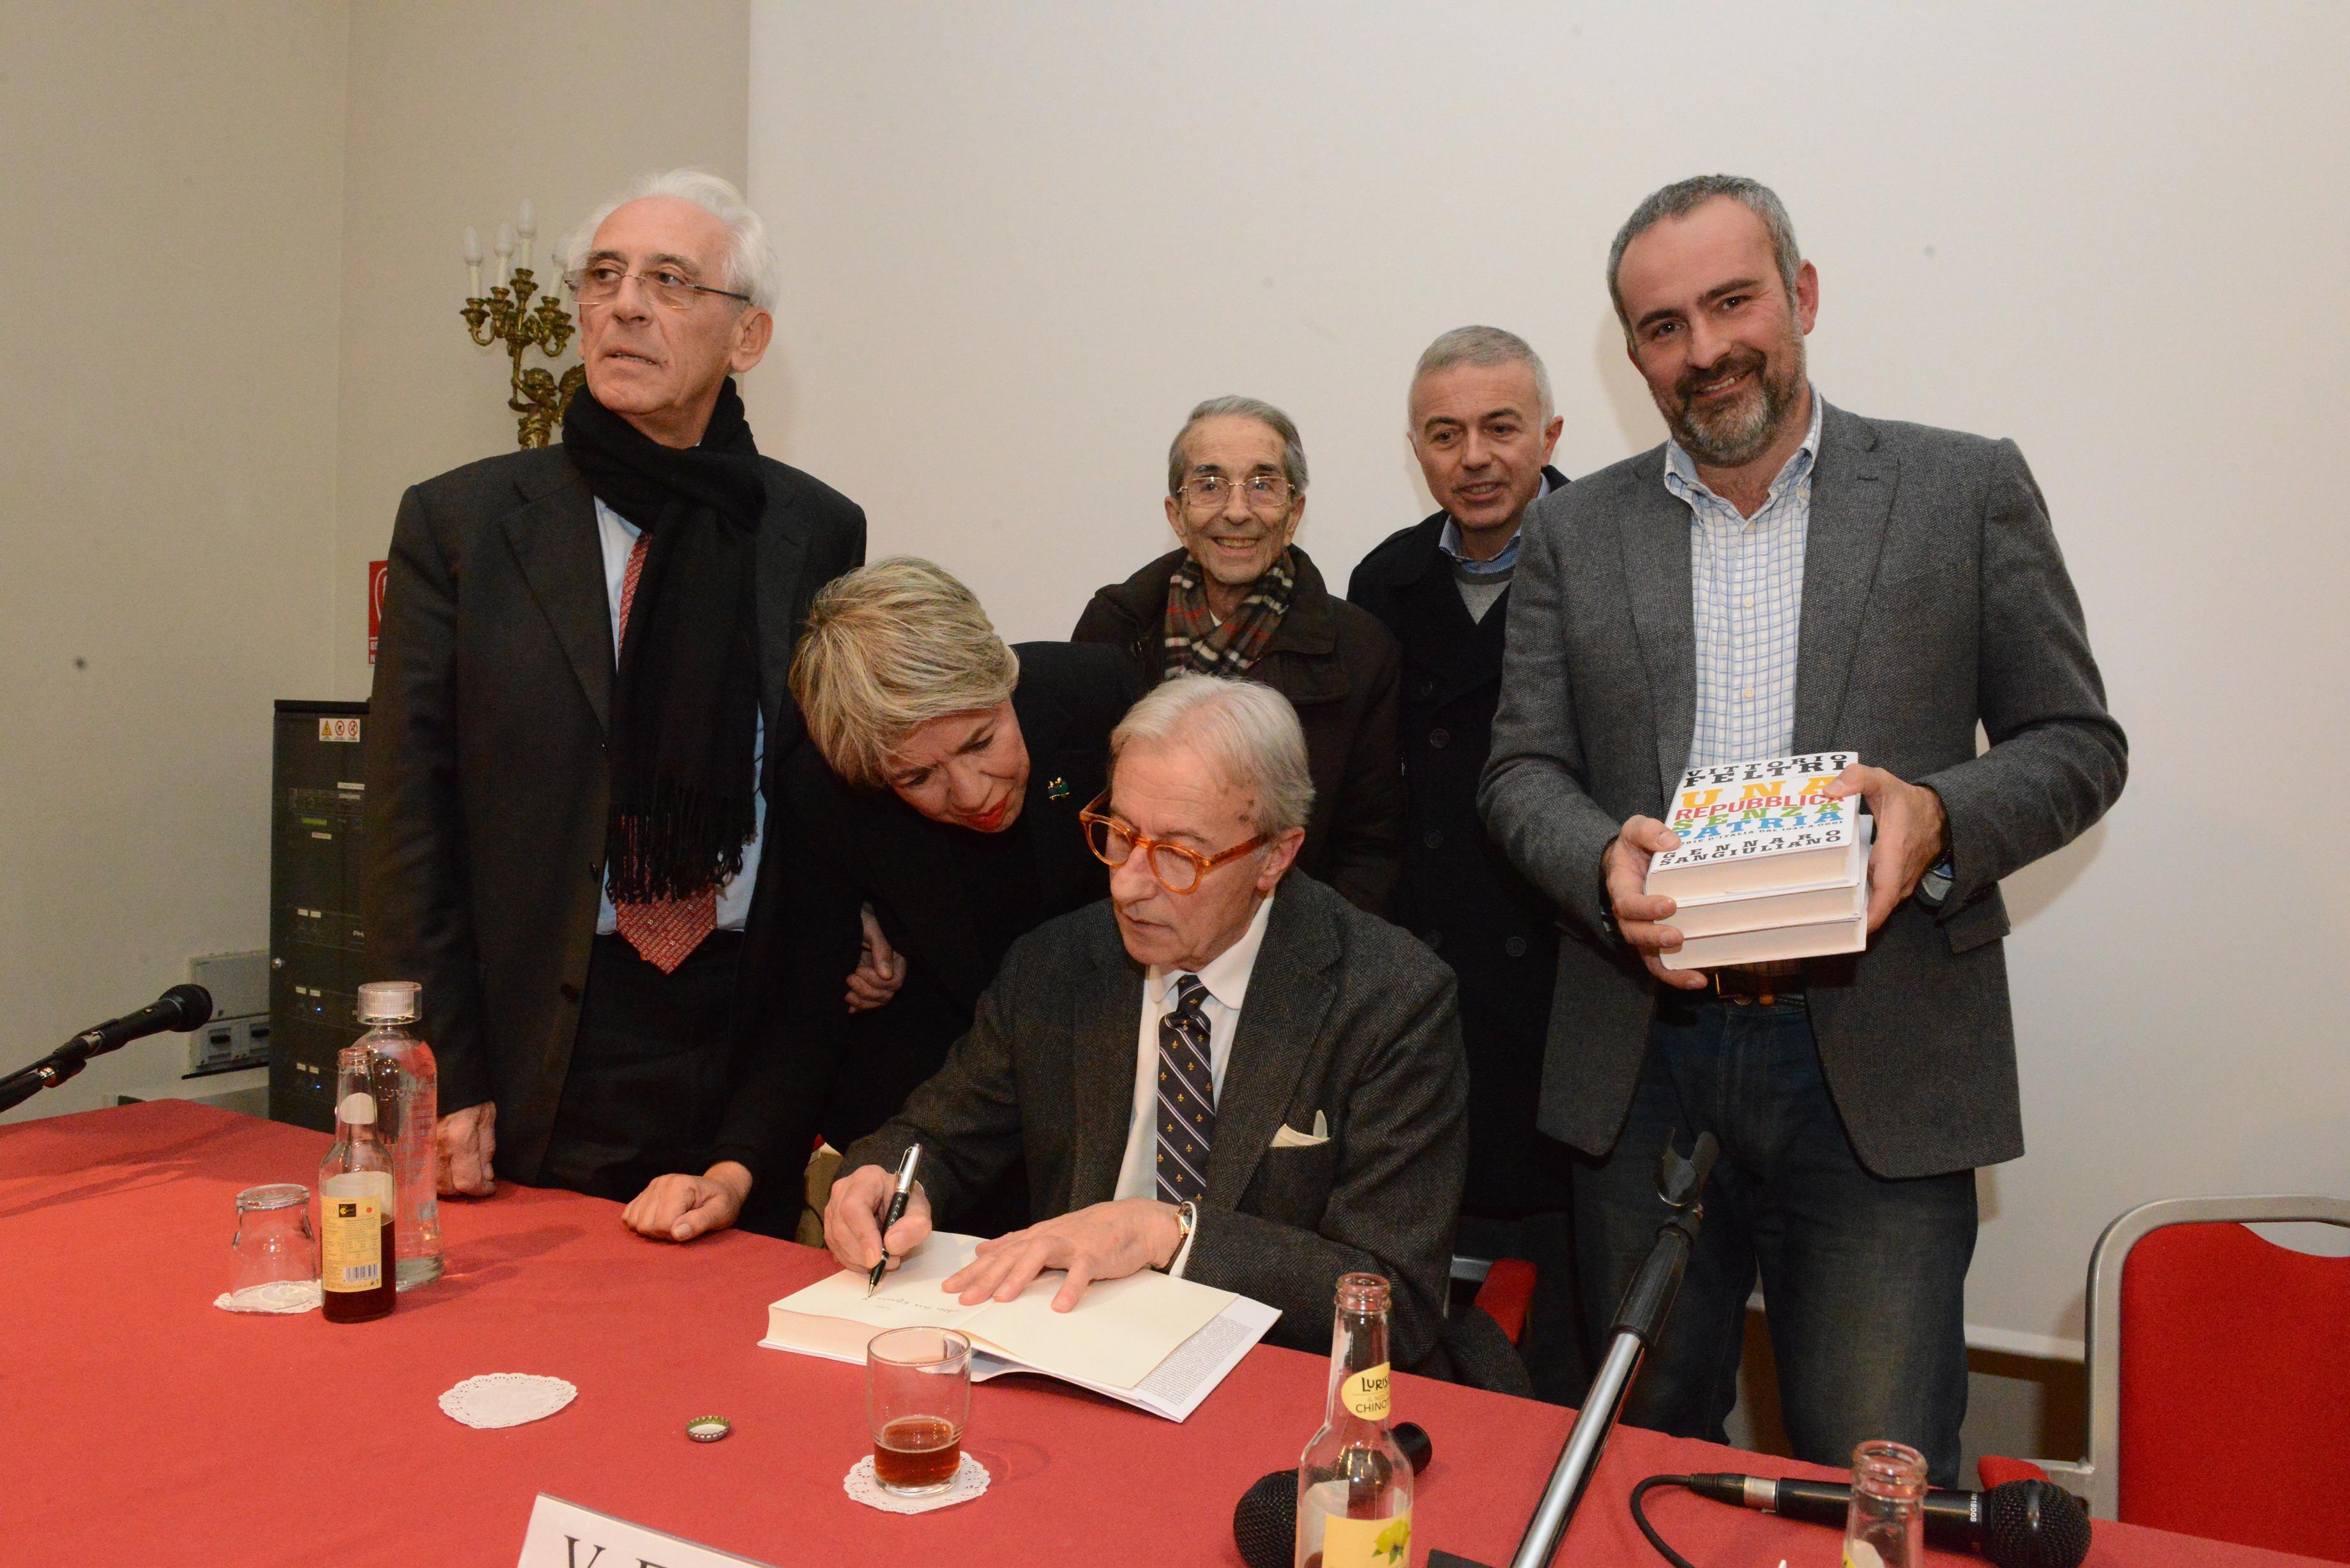 5 - vittorio-feltri-e-gennaro-sangiuliano-presentano-una-repubblica-senza-patria-136